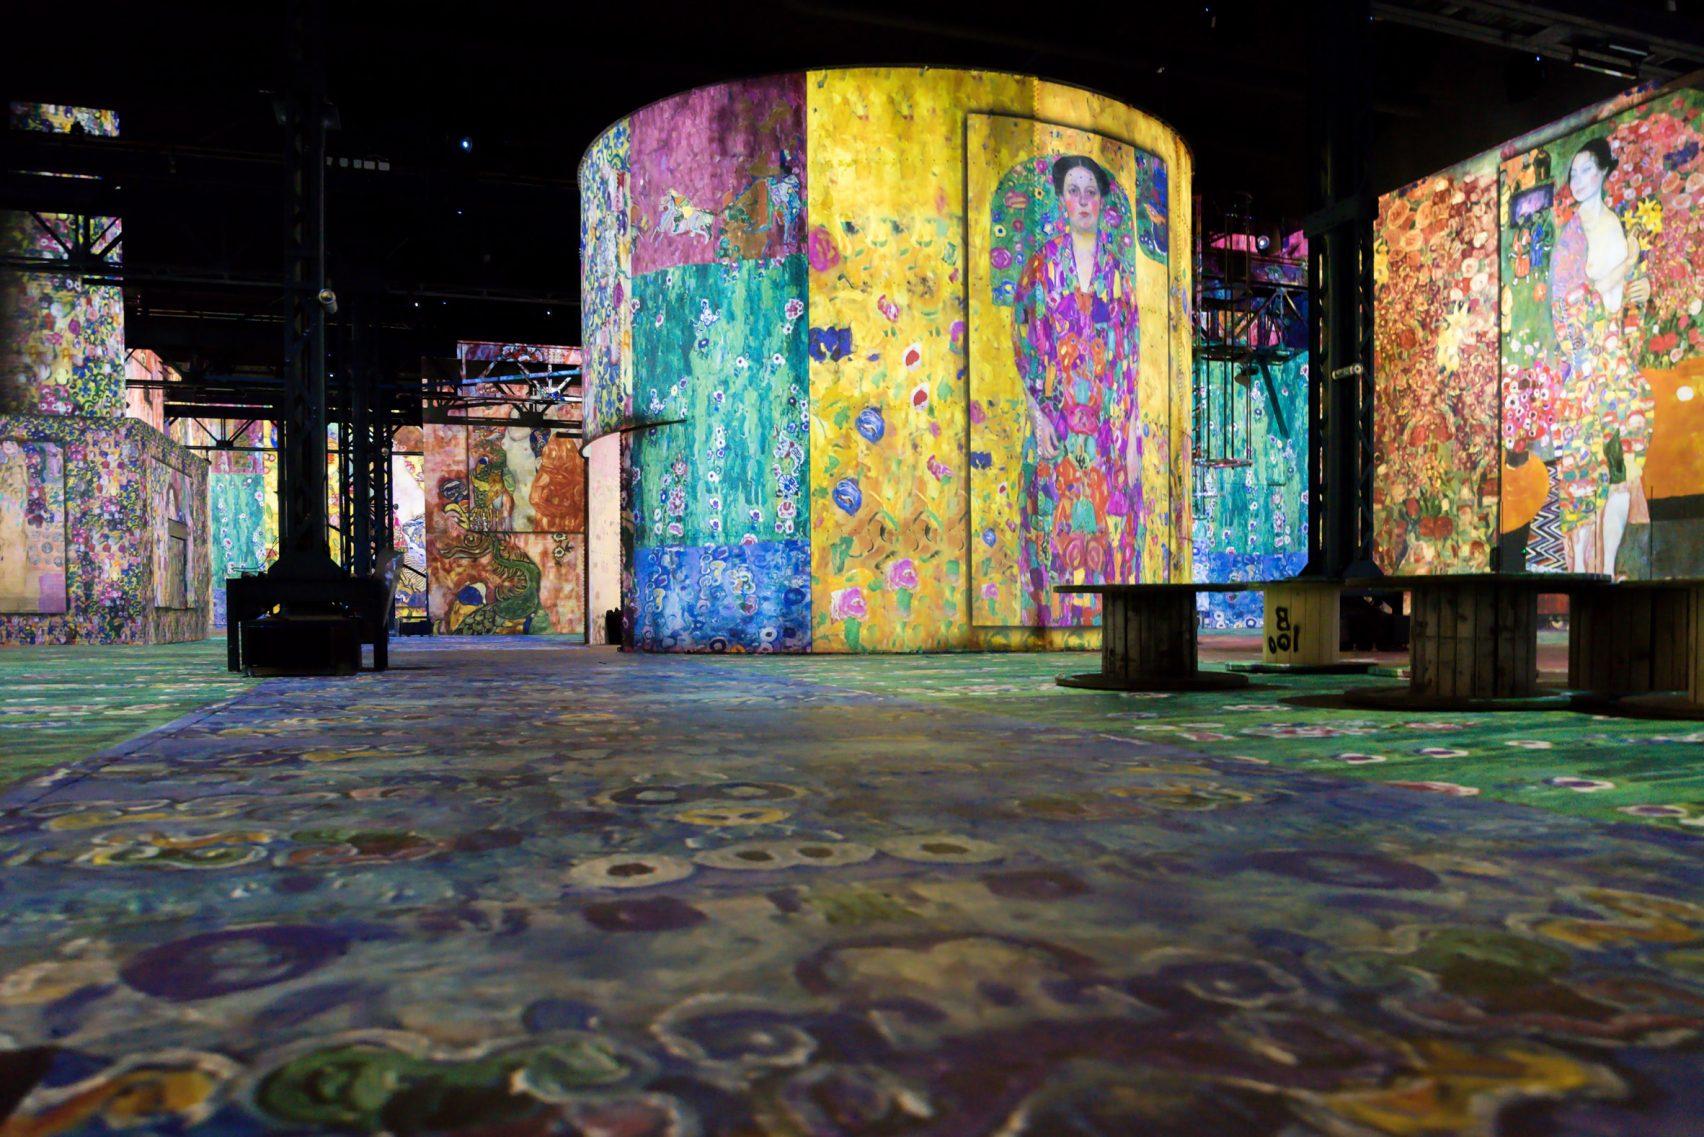 L'Atelier des Lumières: une révolution scénographique 2.0 ?